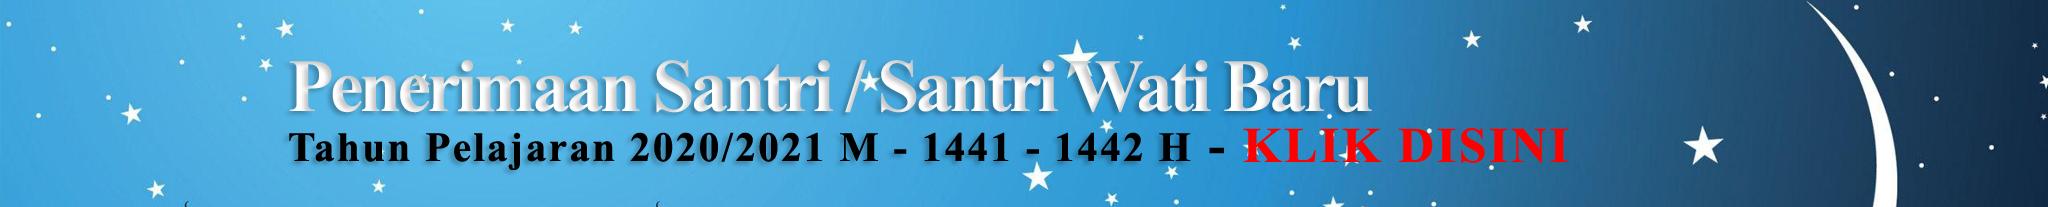 Penerimaan Santri / Santri Wati Baru